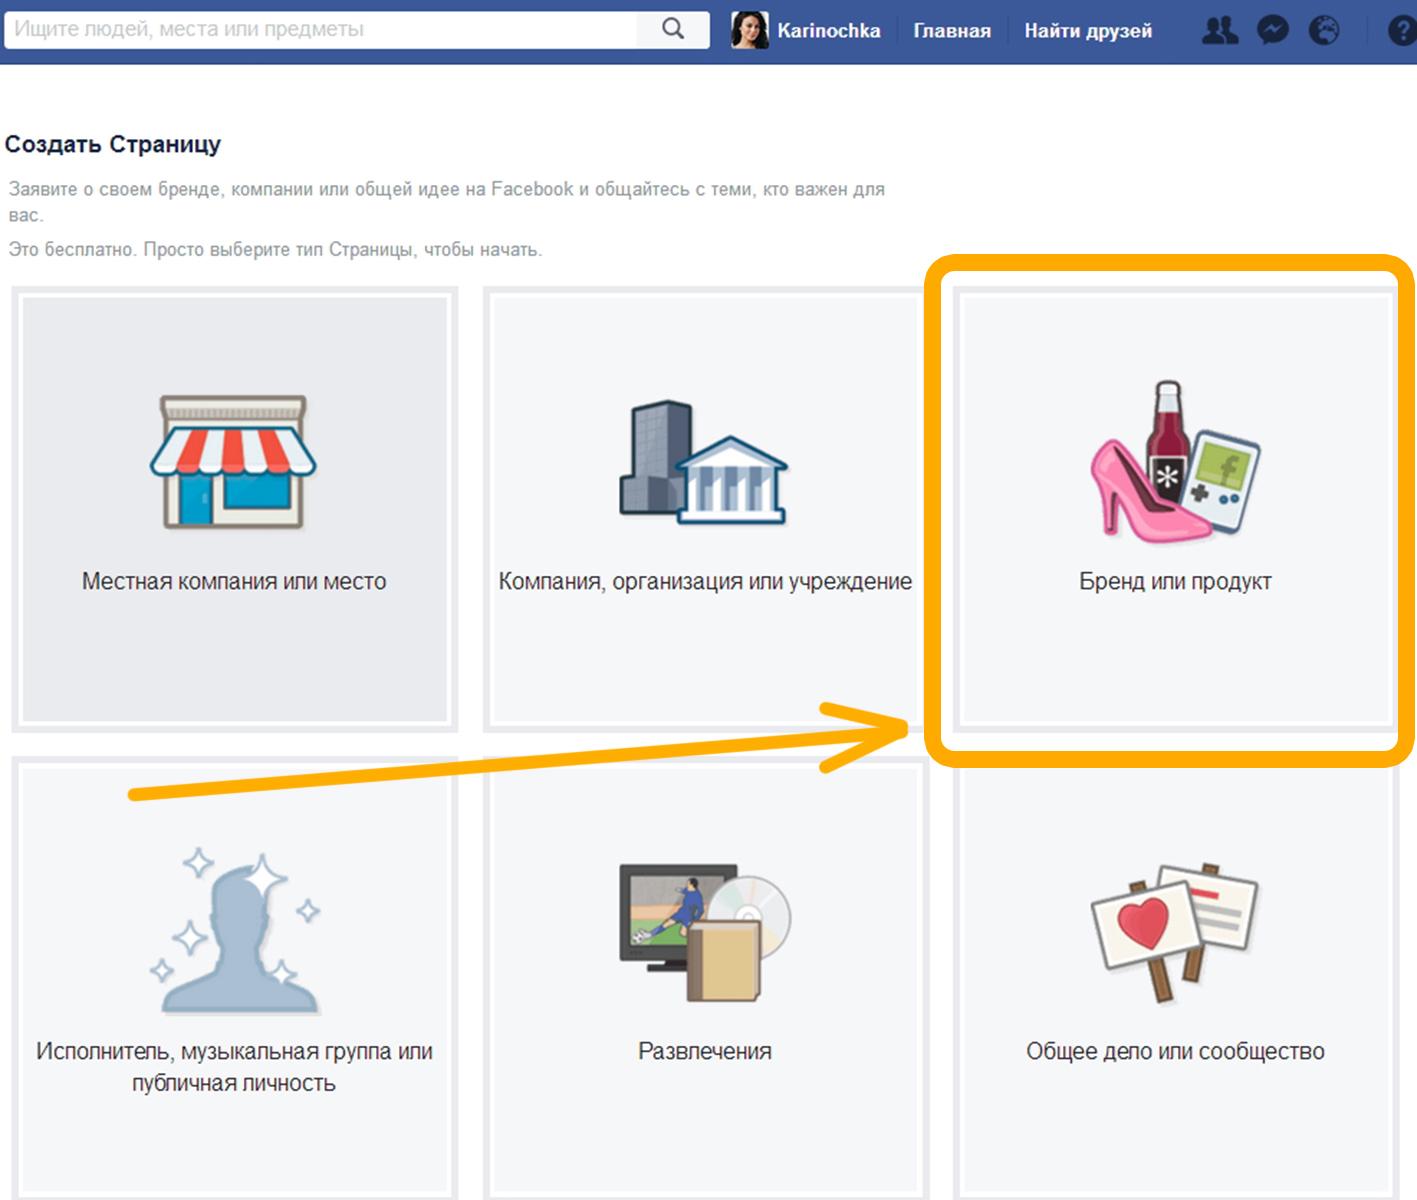 Следующее меню создания сообщества, где нужно выбрать категории продукта или услуги и написать название страницы Фейсбук.